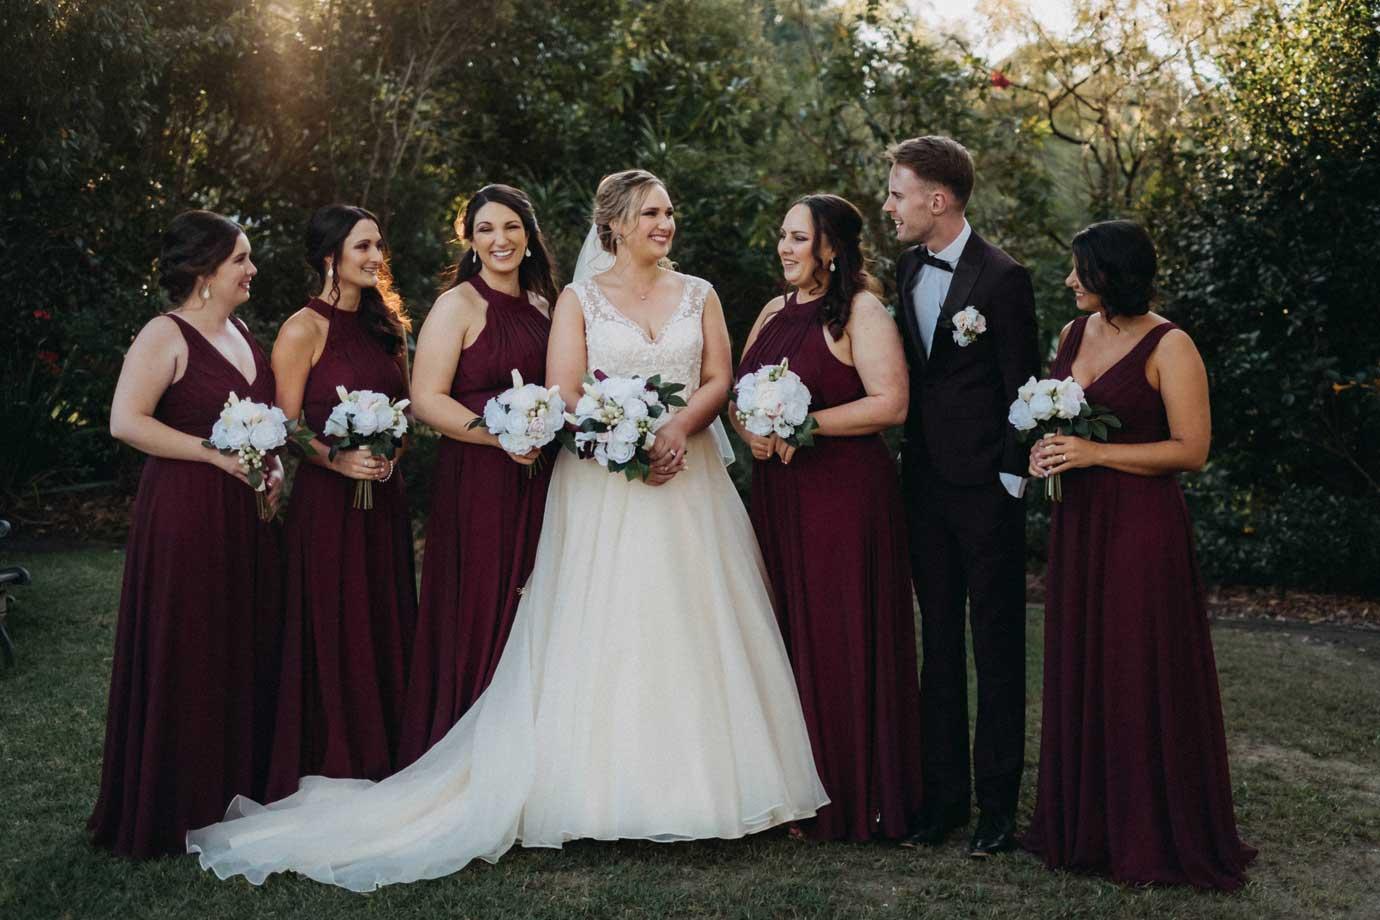 Breanna-and-Tom-Annabella-Chapel-Wedding-0759